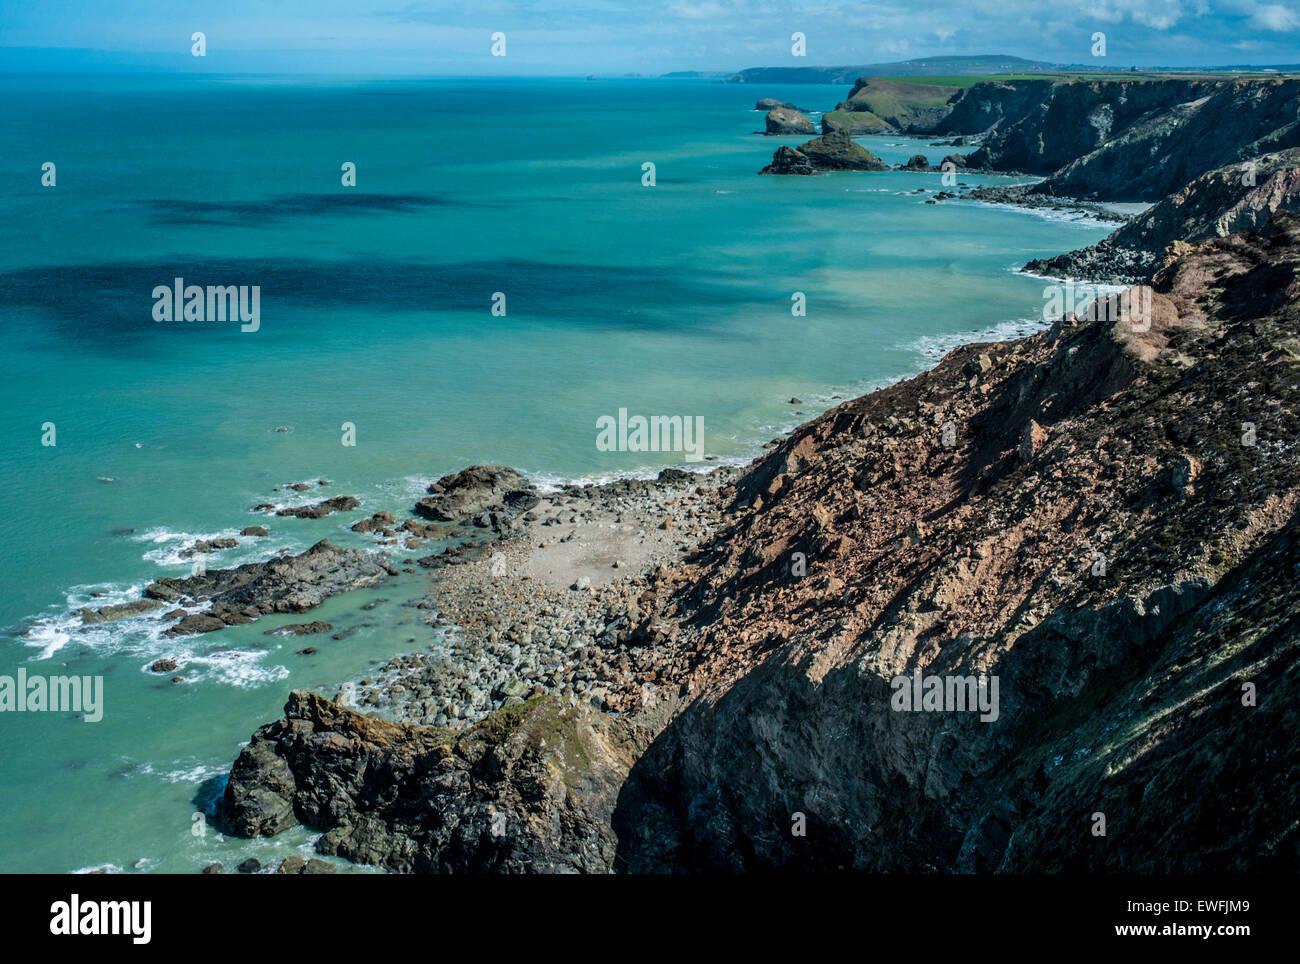 Un turquise oceano con ombre sulla superficie e una vista di una costa rocciosa del paesaggio. Immagini Stock